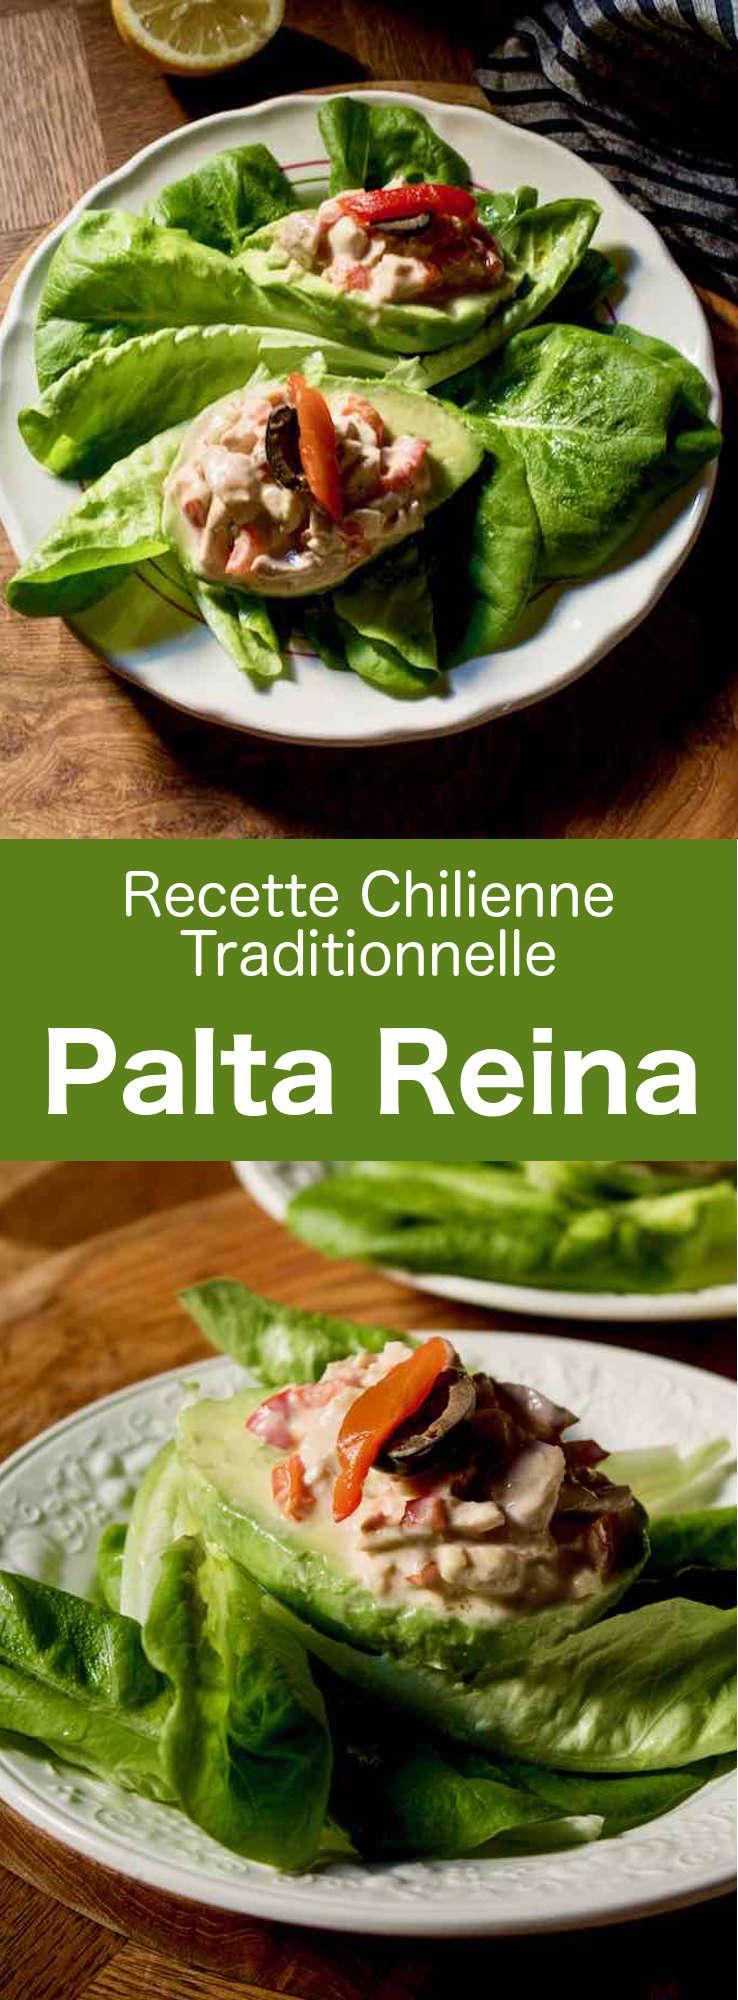 La palta reina est une entrée chilienne qui est décliné de multiples façons mais dont la base est un avocat pelé et farci de poulet à la mayonnaise. #Chili #RecetteChilienne #CuisineChilienne #CuisineDuMonde #196flavors